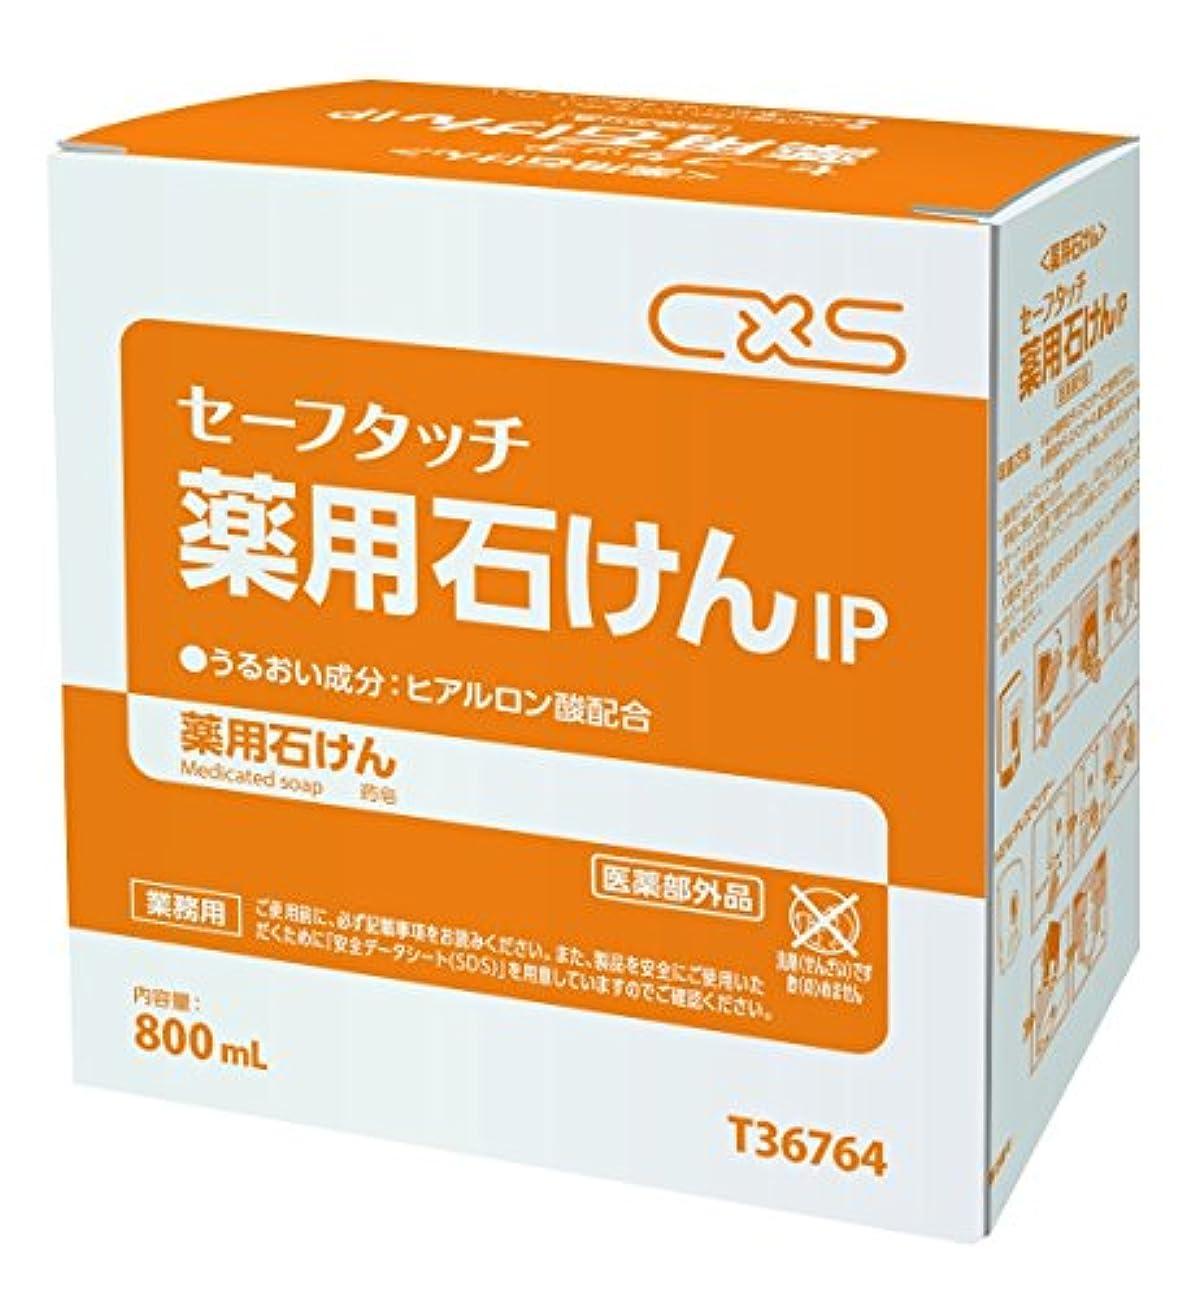 理解元気な帝国主義セーフタッチ 薬用石けんIP 6箱セット